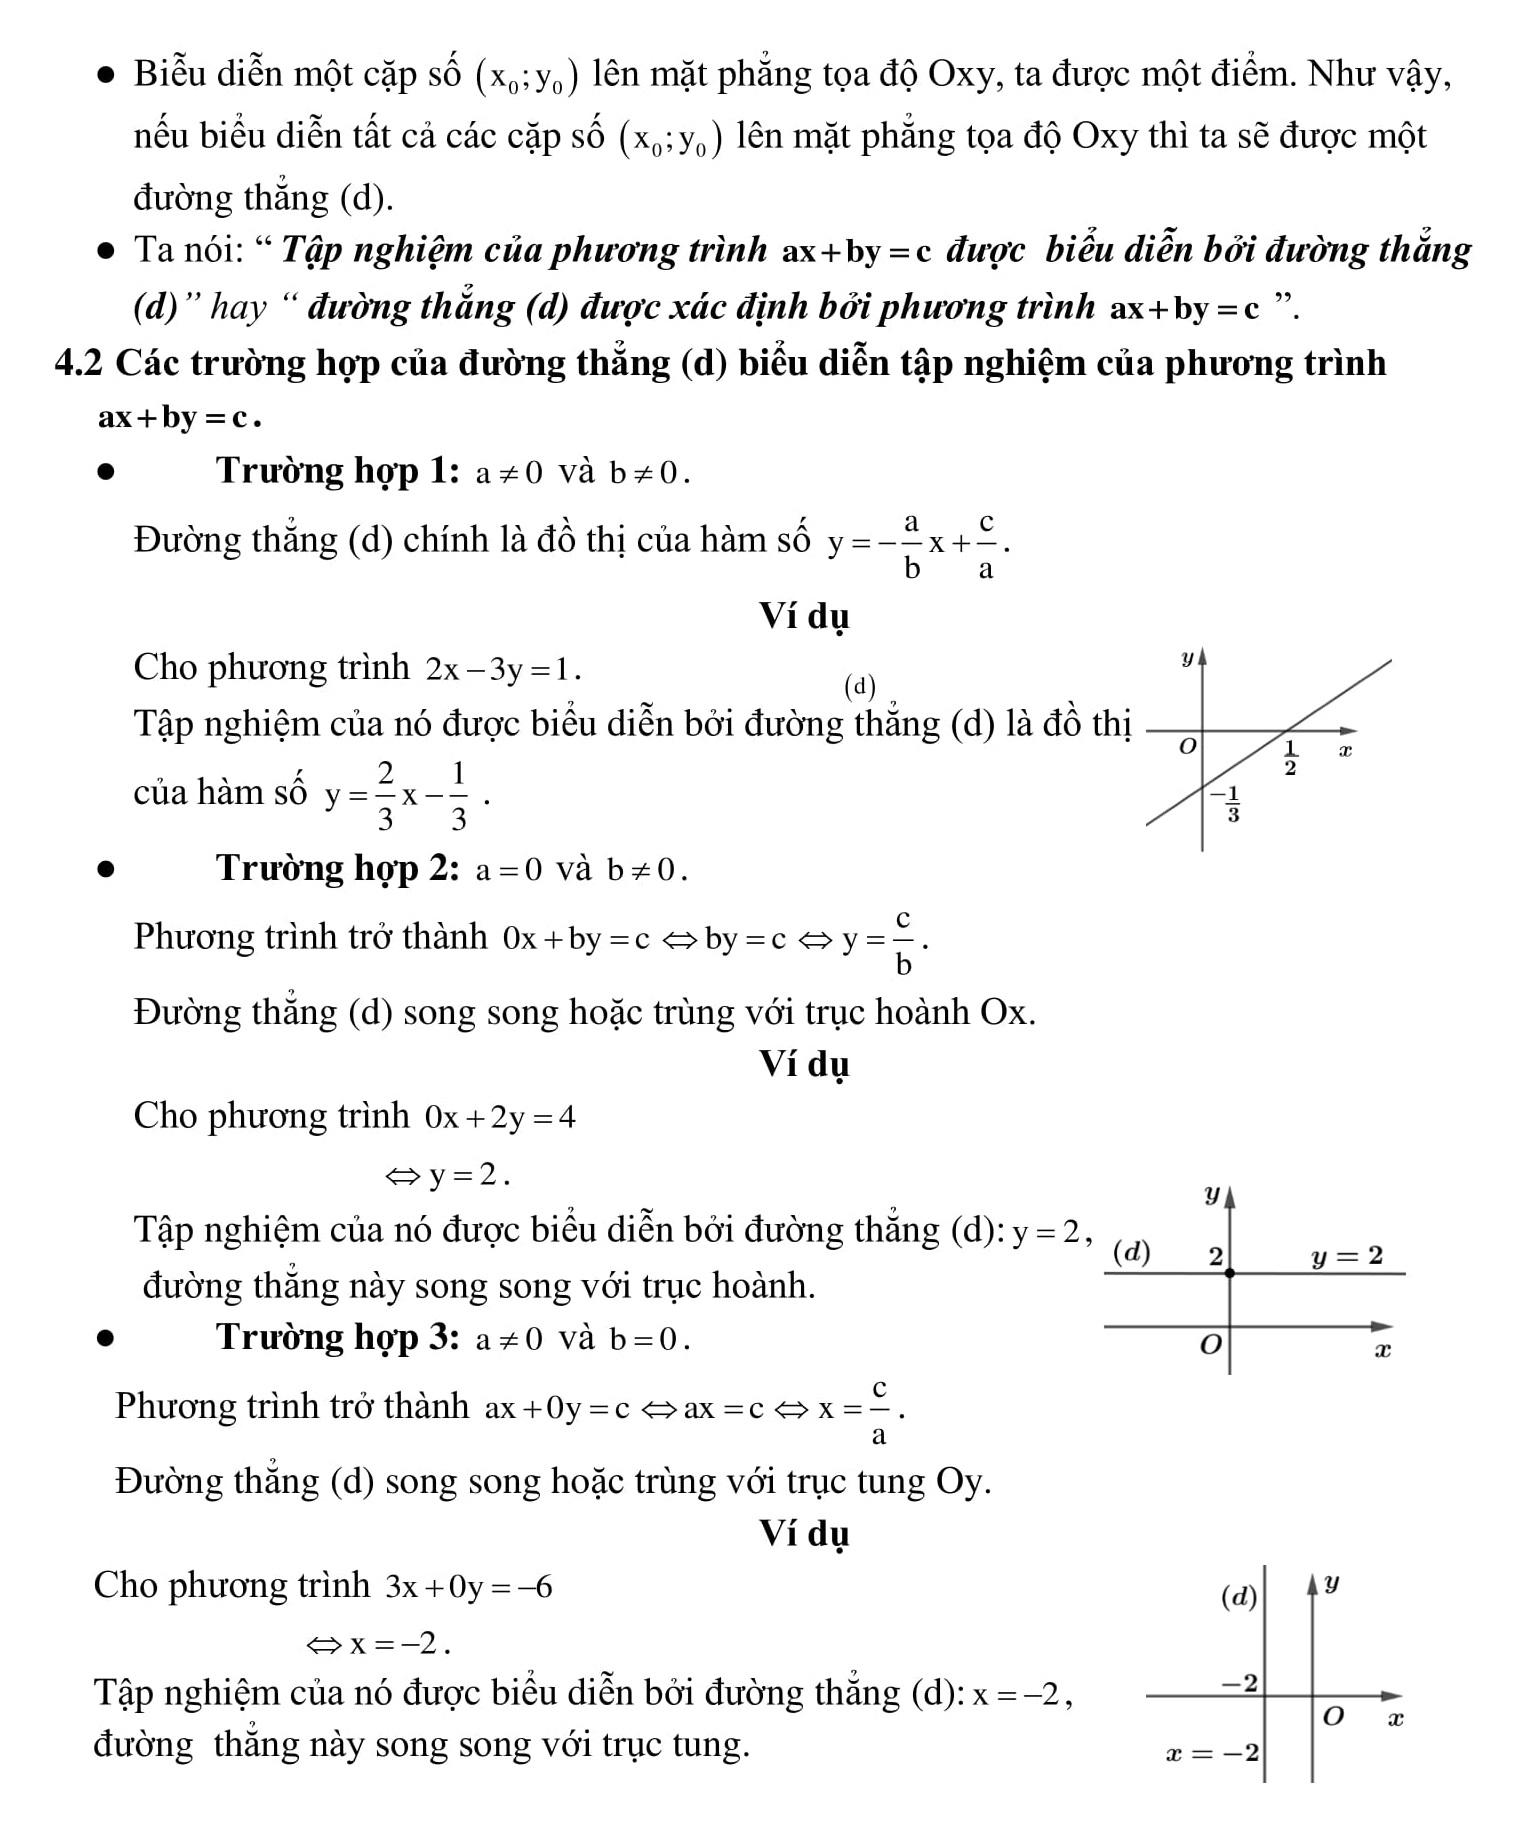 Đề cương HK2 Toán 9 được tổng hợp giúp trên 8+